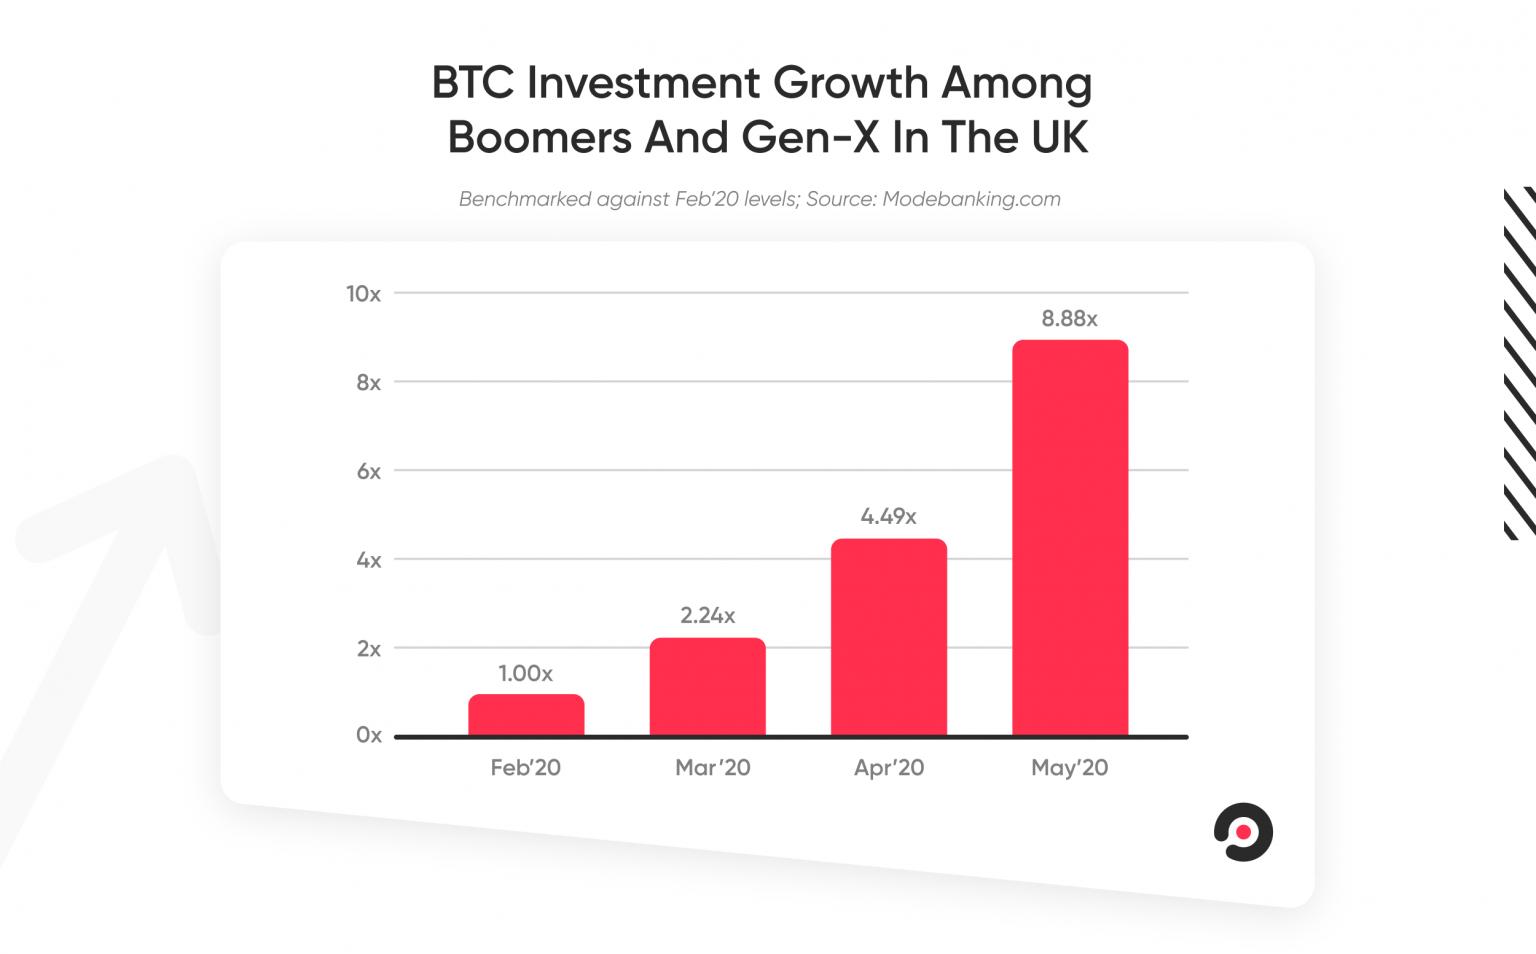 Bitcoin despierta el interés en varias generaciones para invertir